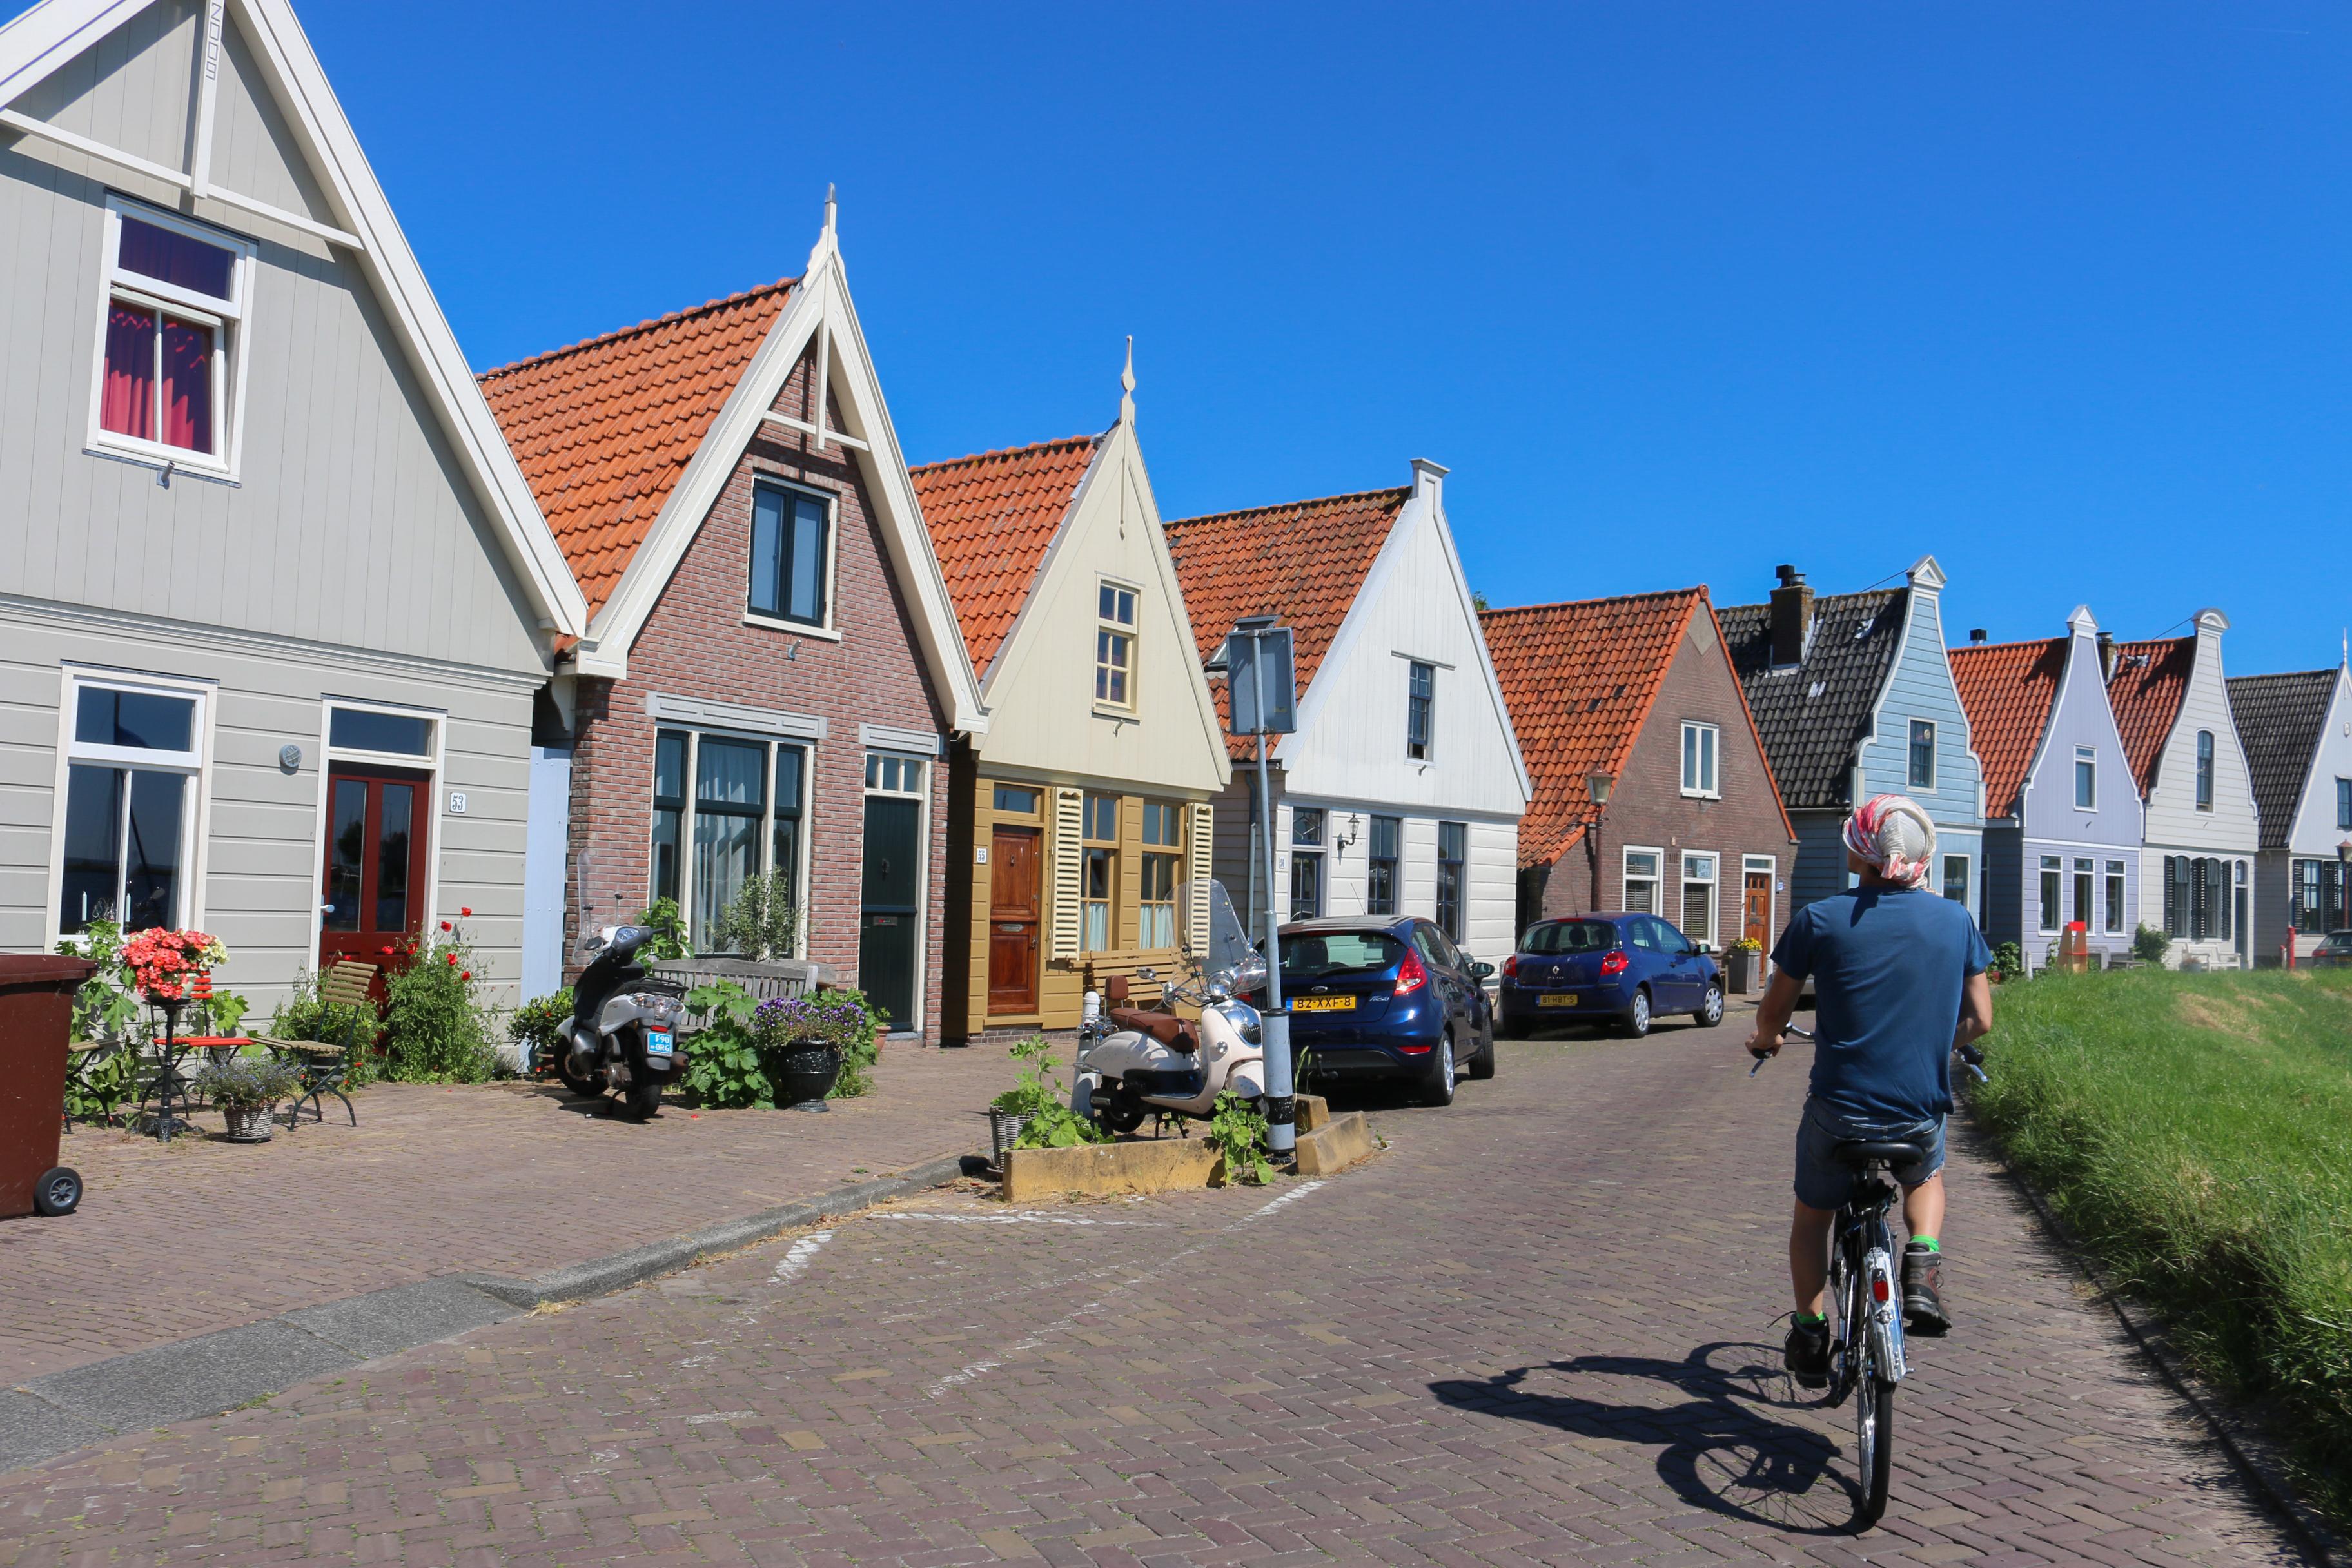 Balade autour d'Amsterdam : Marken